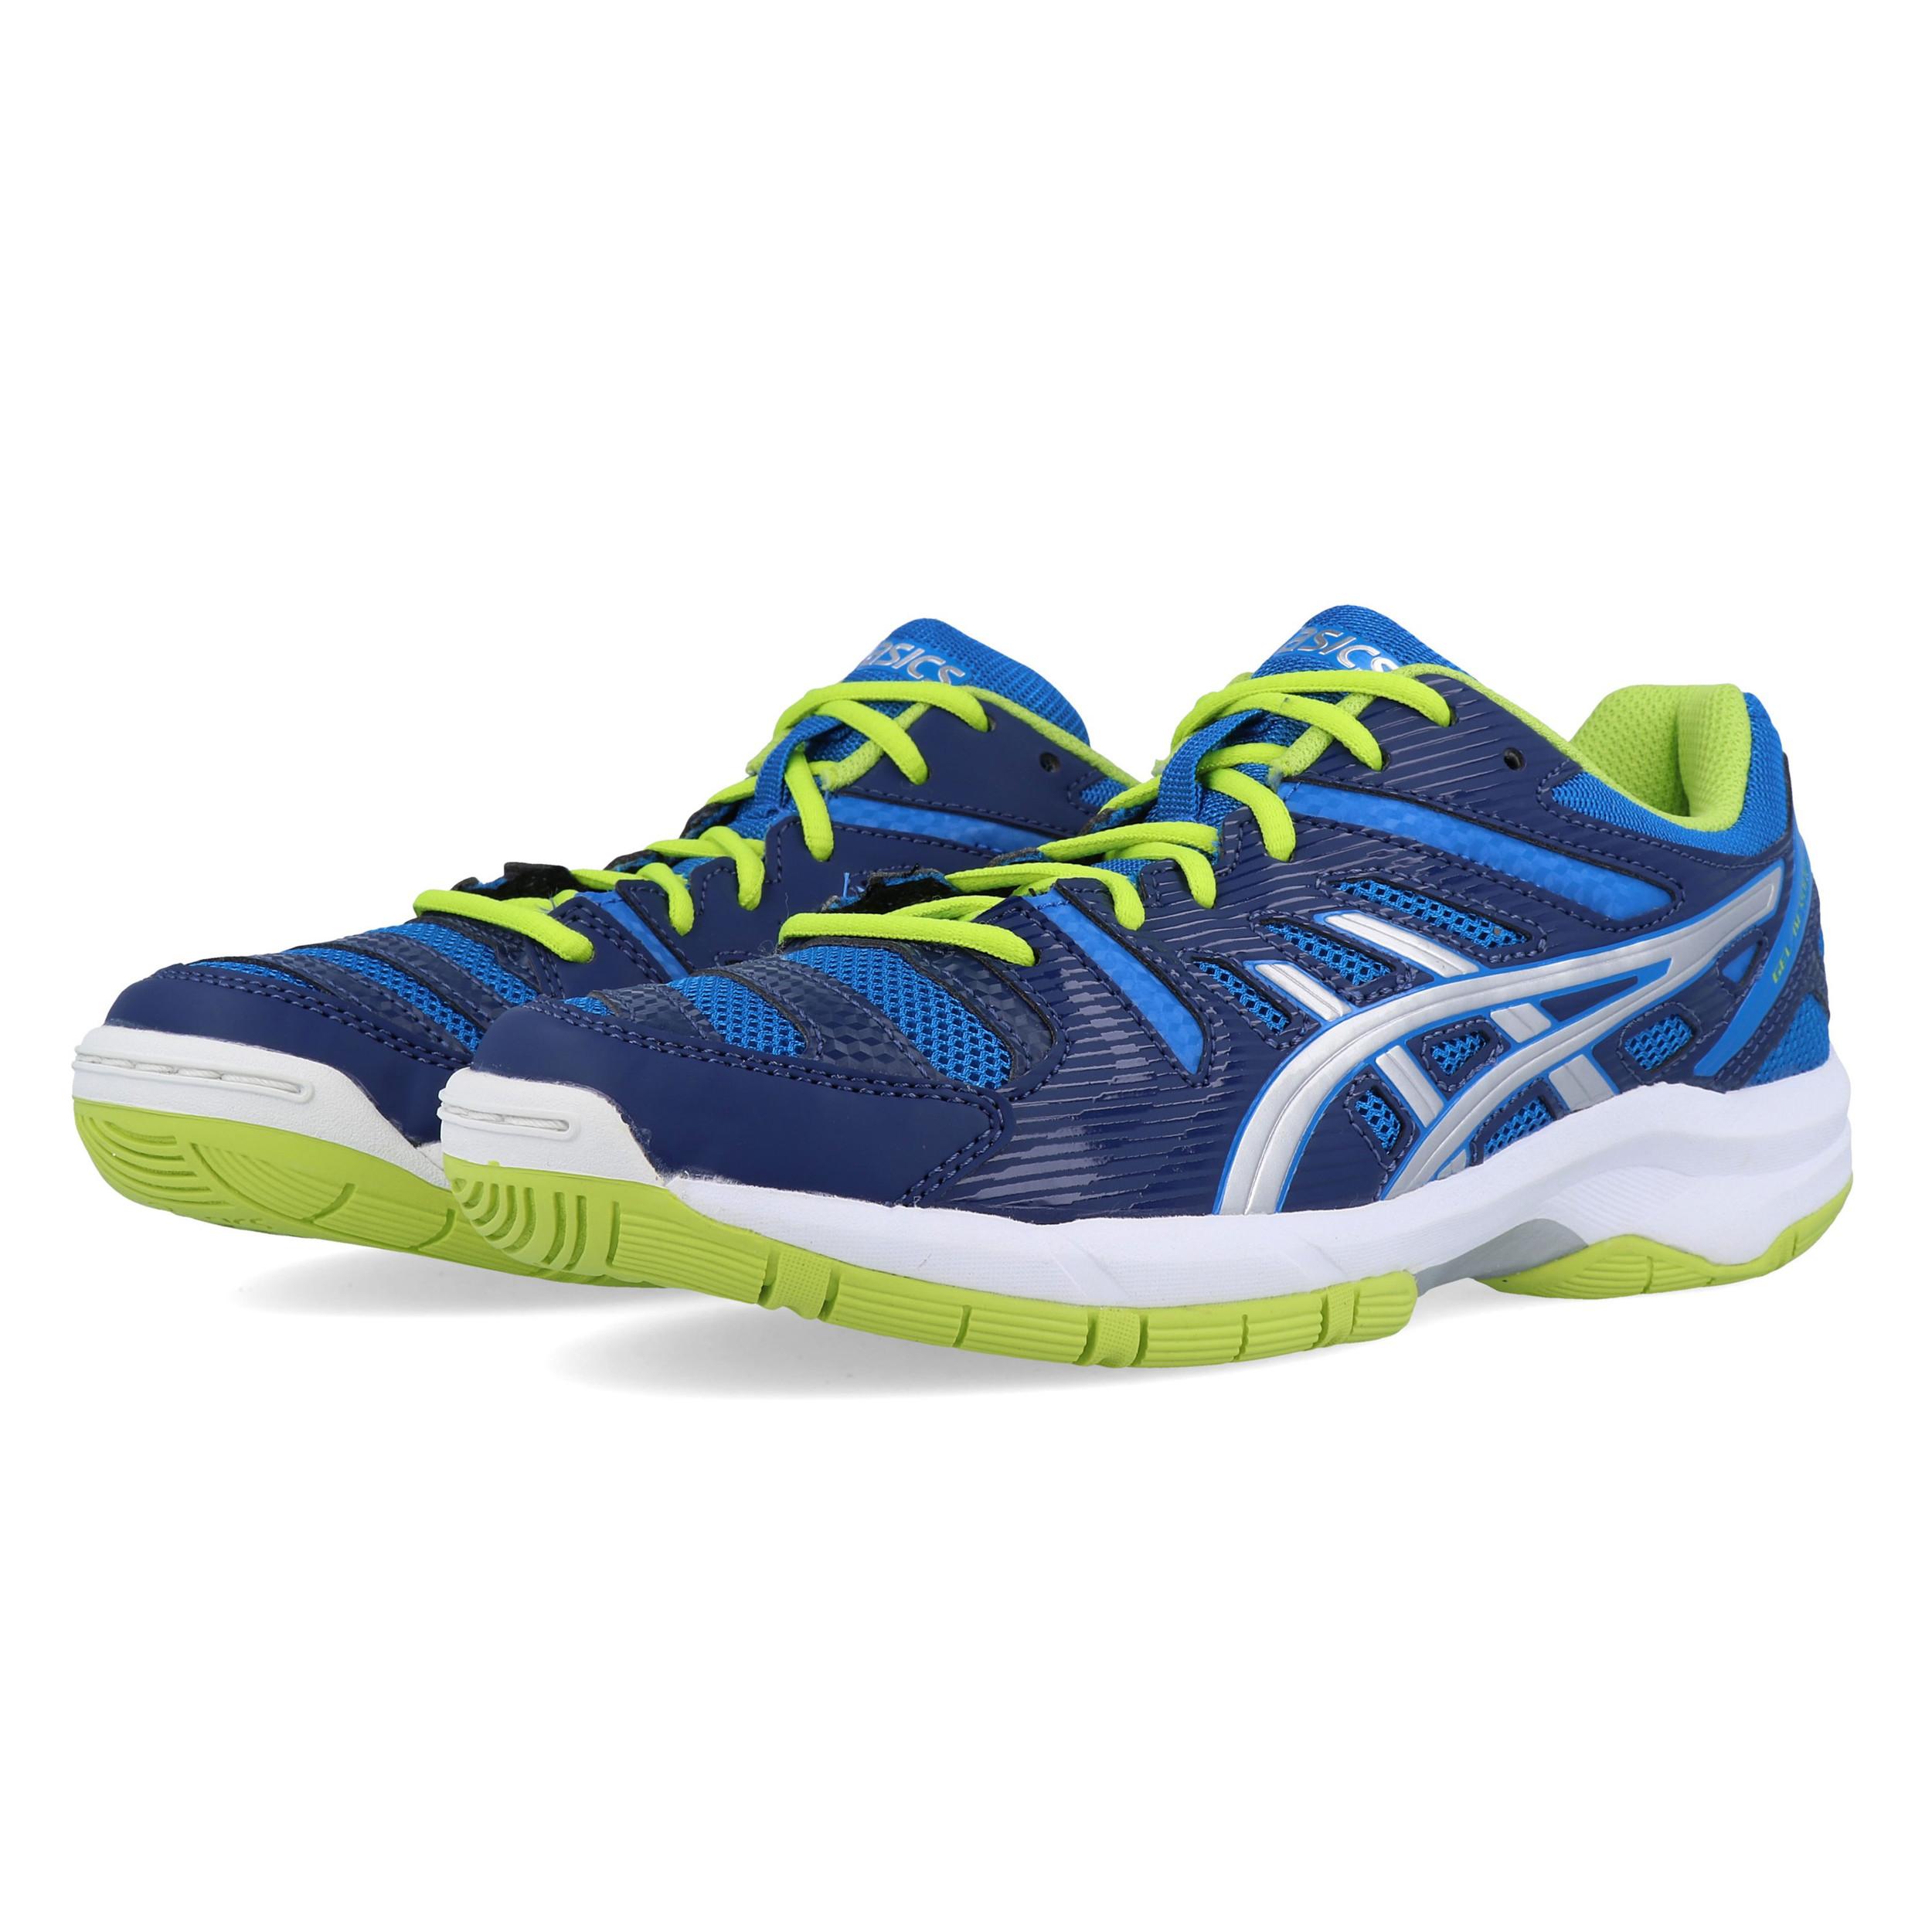 pourtant pas vulgaire Acheter Authentic meilleure collection Details about Asics Junior Gel-Beyond 4 Indoor Court Shoes Blue Sports  Badminton Handball